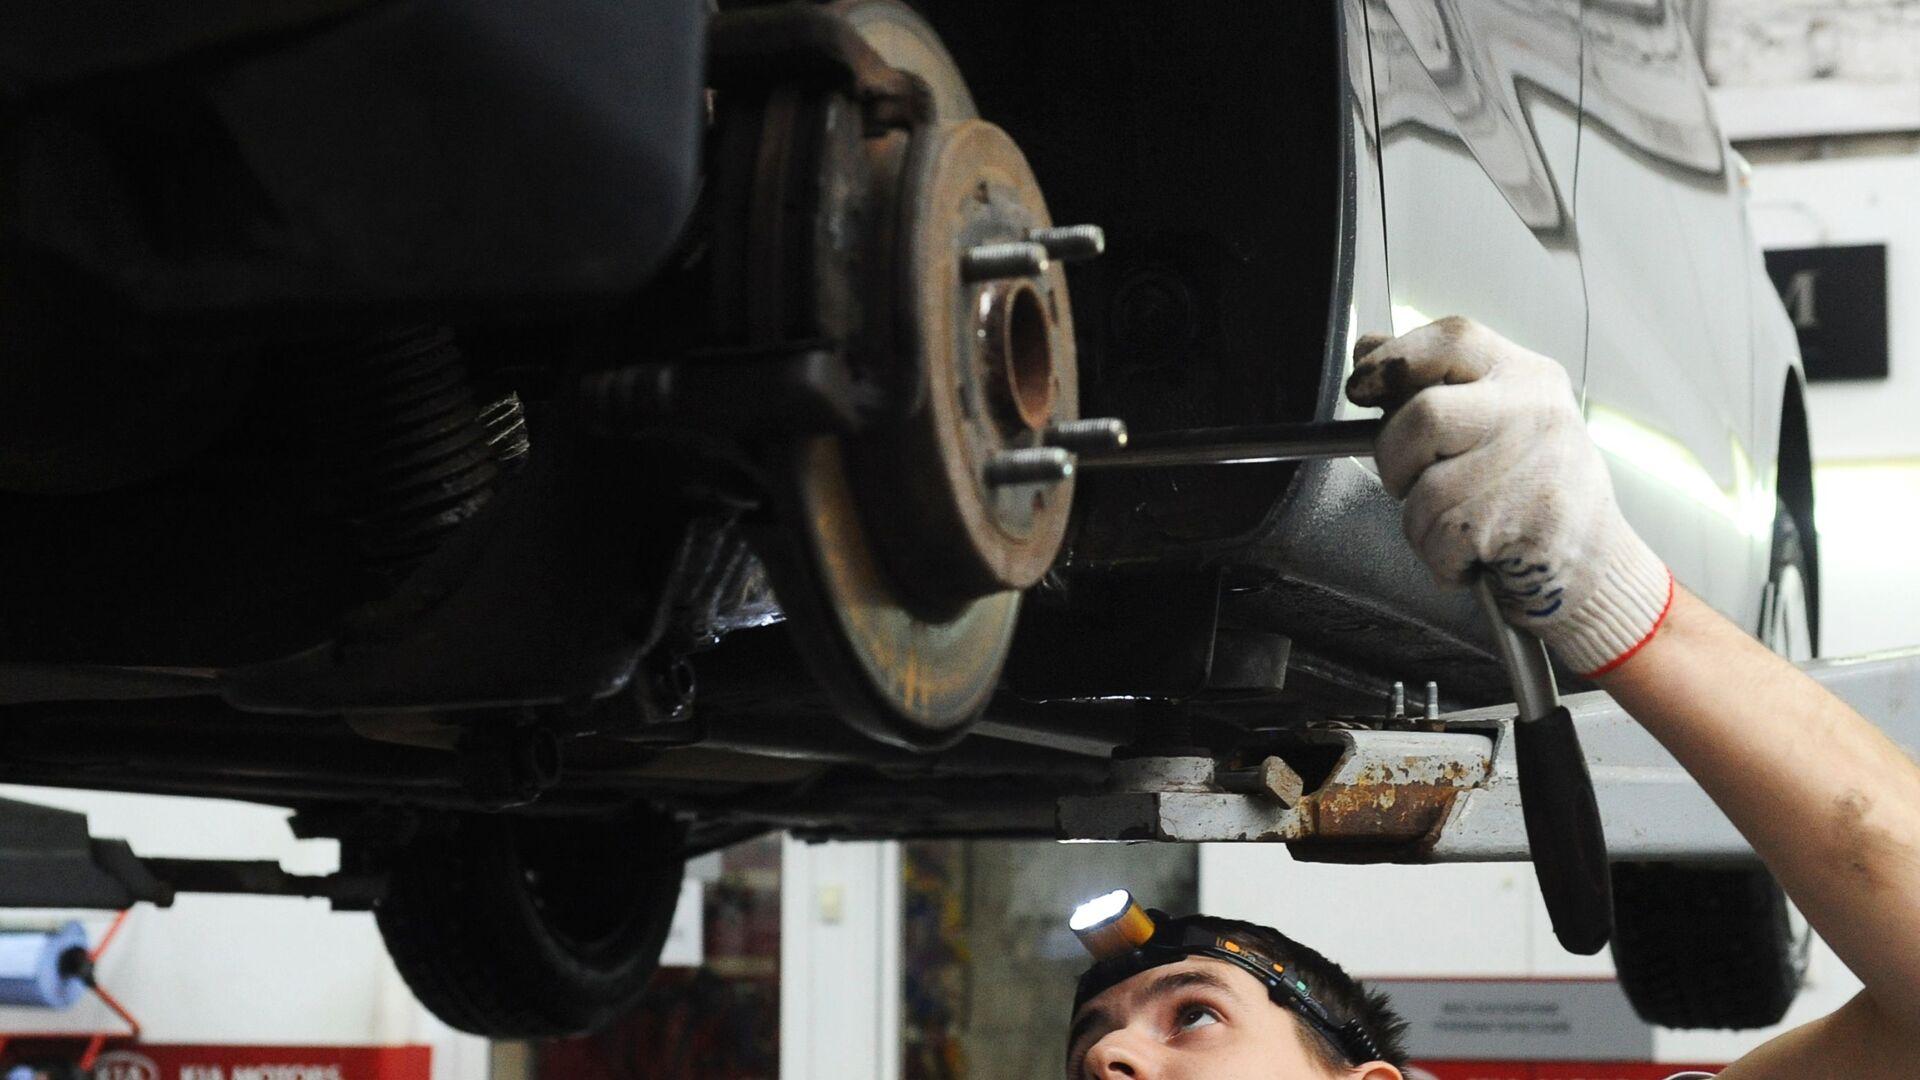 Сотрудник проводит техническое обслуживание автомобиля - РИА Новости, 1920, 09.10.2020